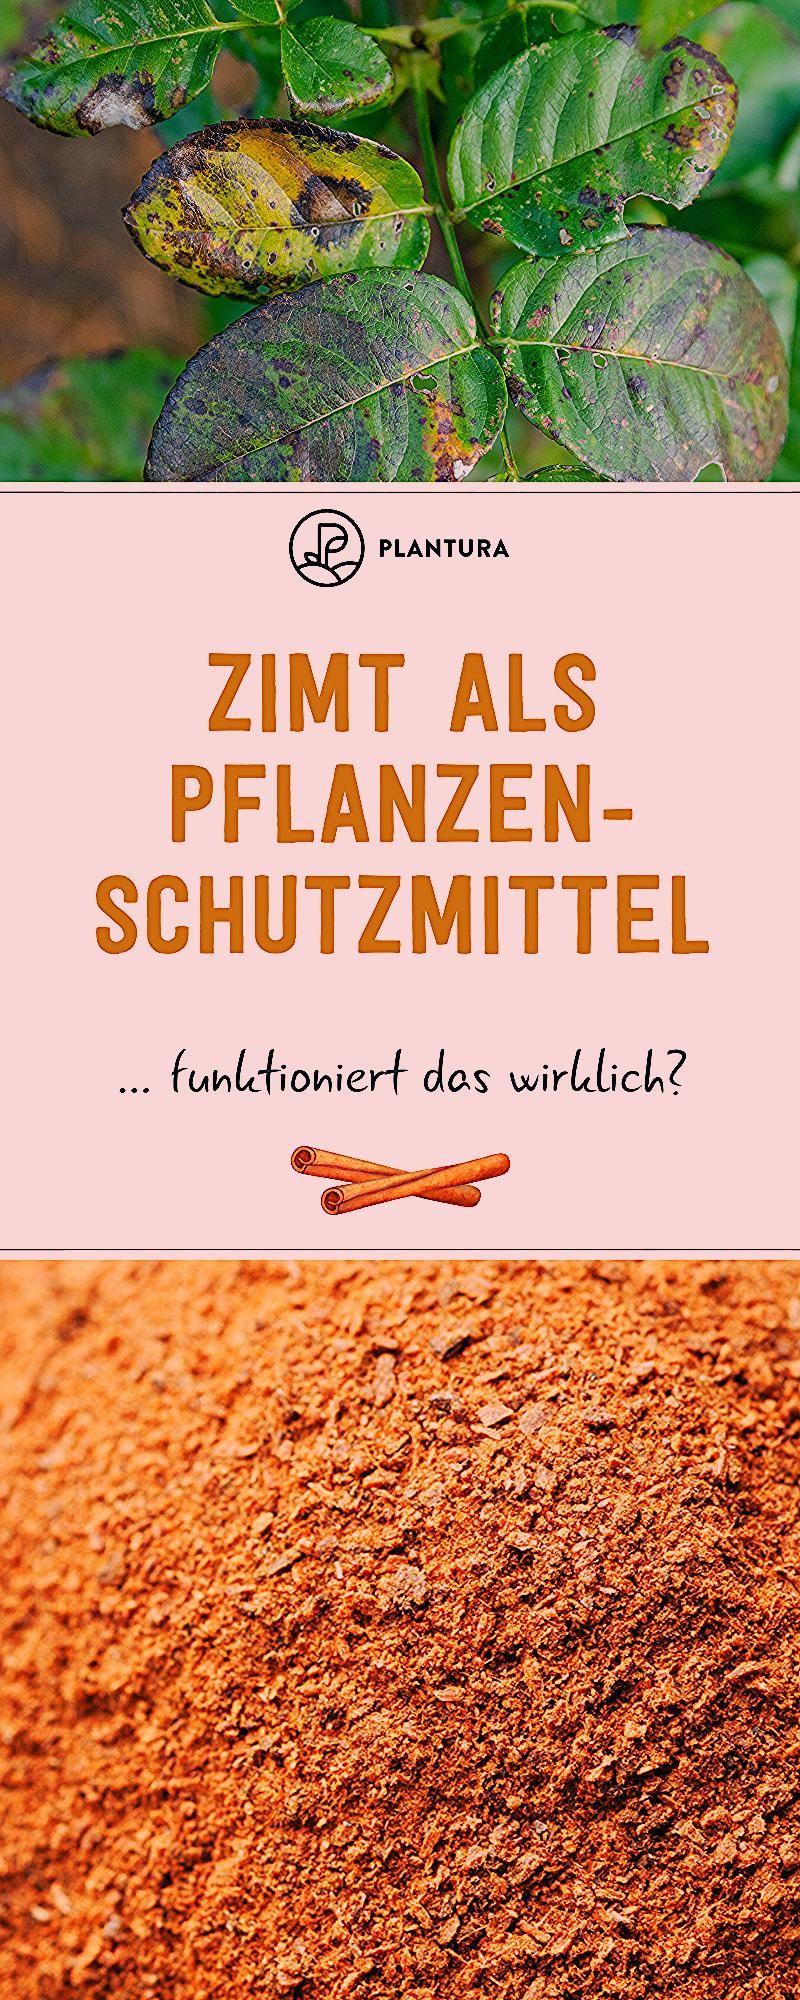 Photo of Zimt im Garten: Ein sinnvoller Pflanzenschutz? – Plantura